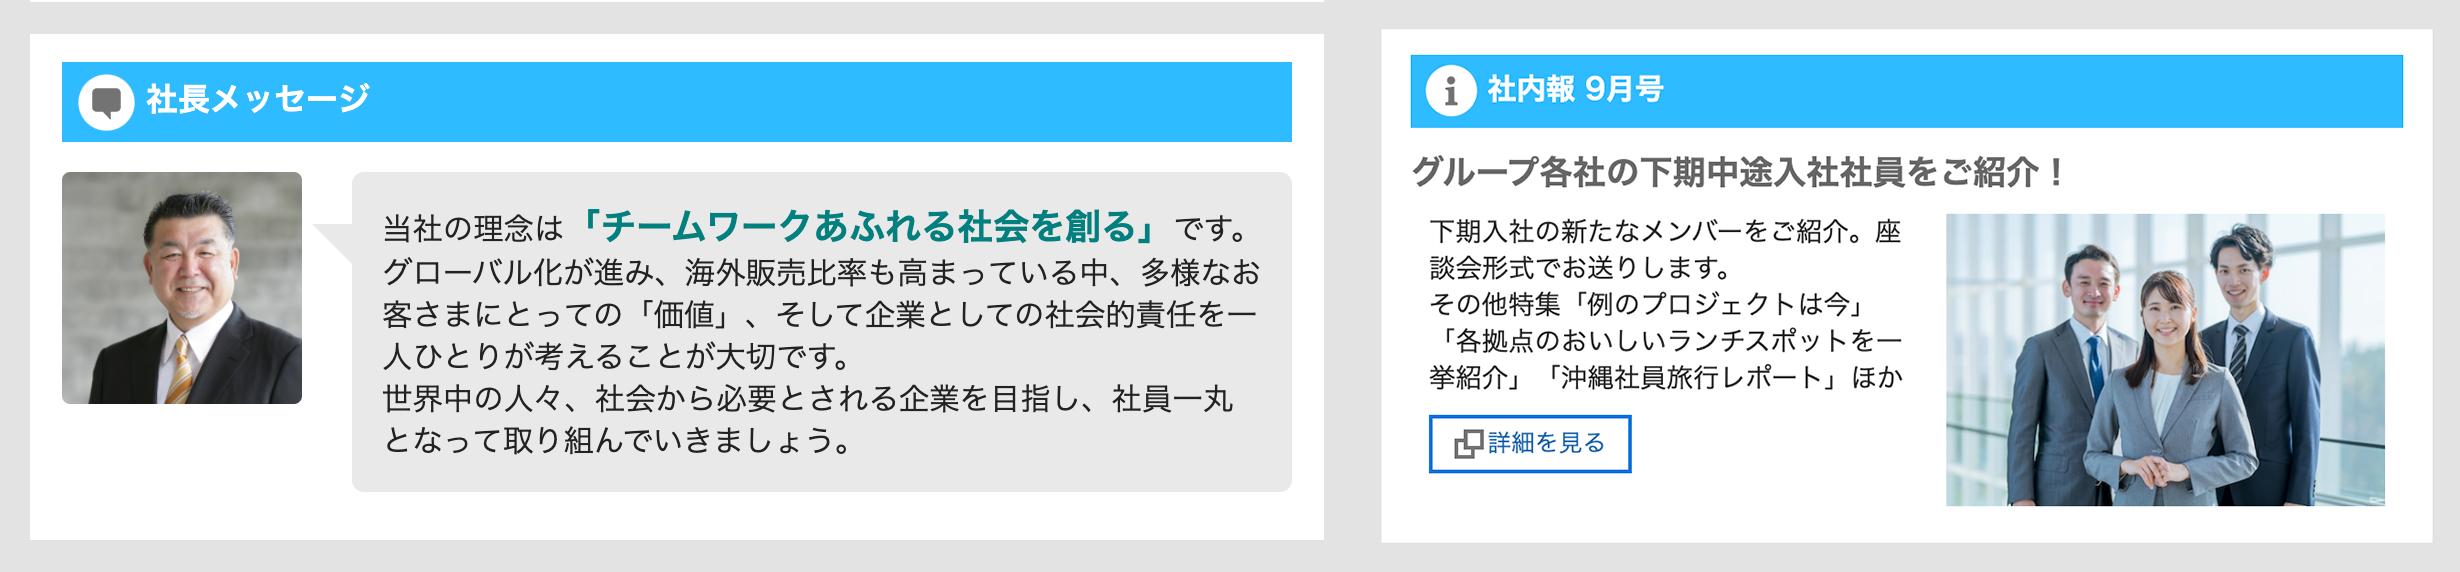 https://enterprise.cybozu.co.jp/2-portlet-images.png